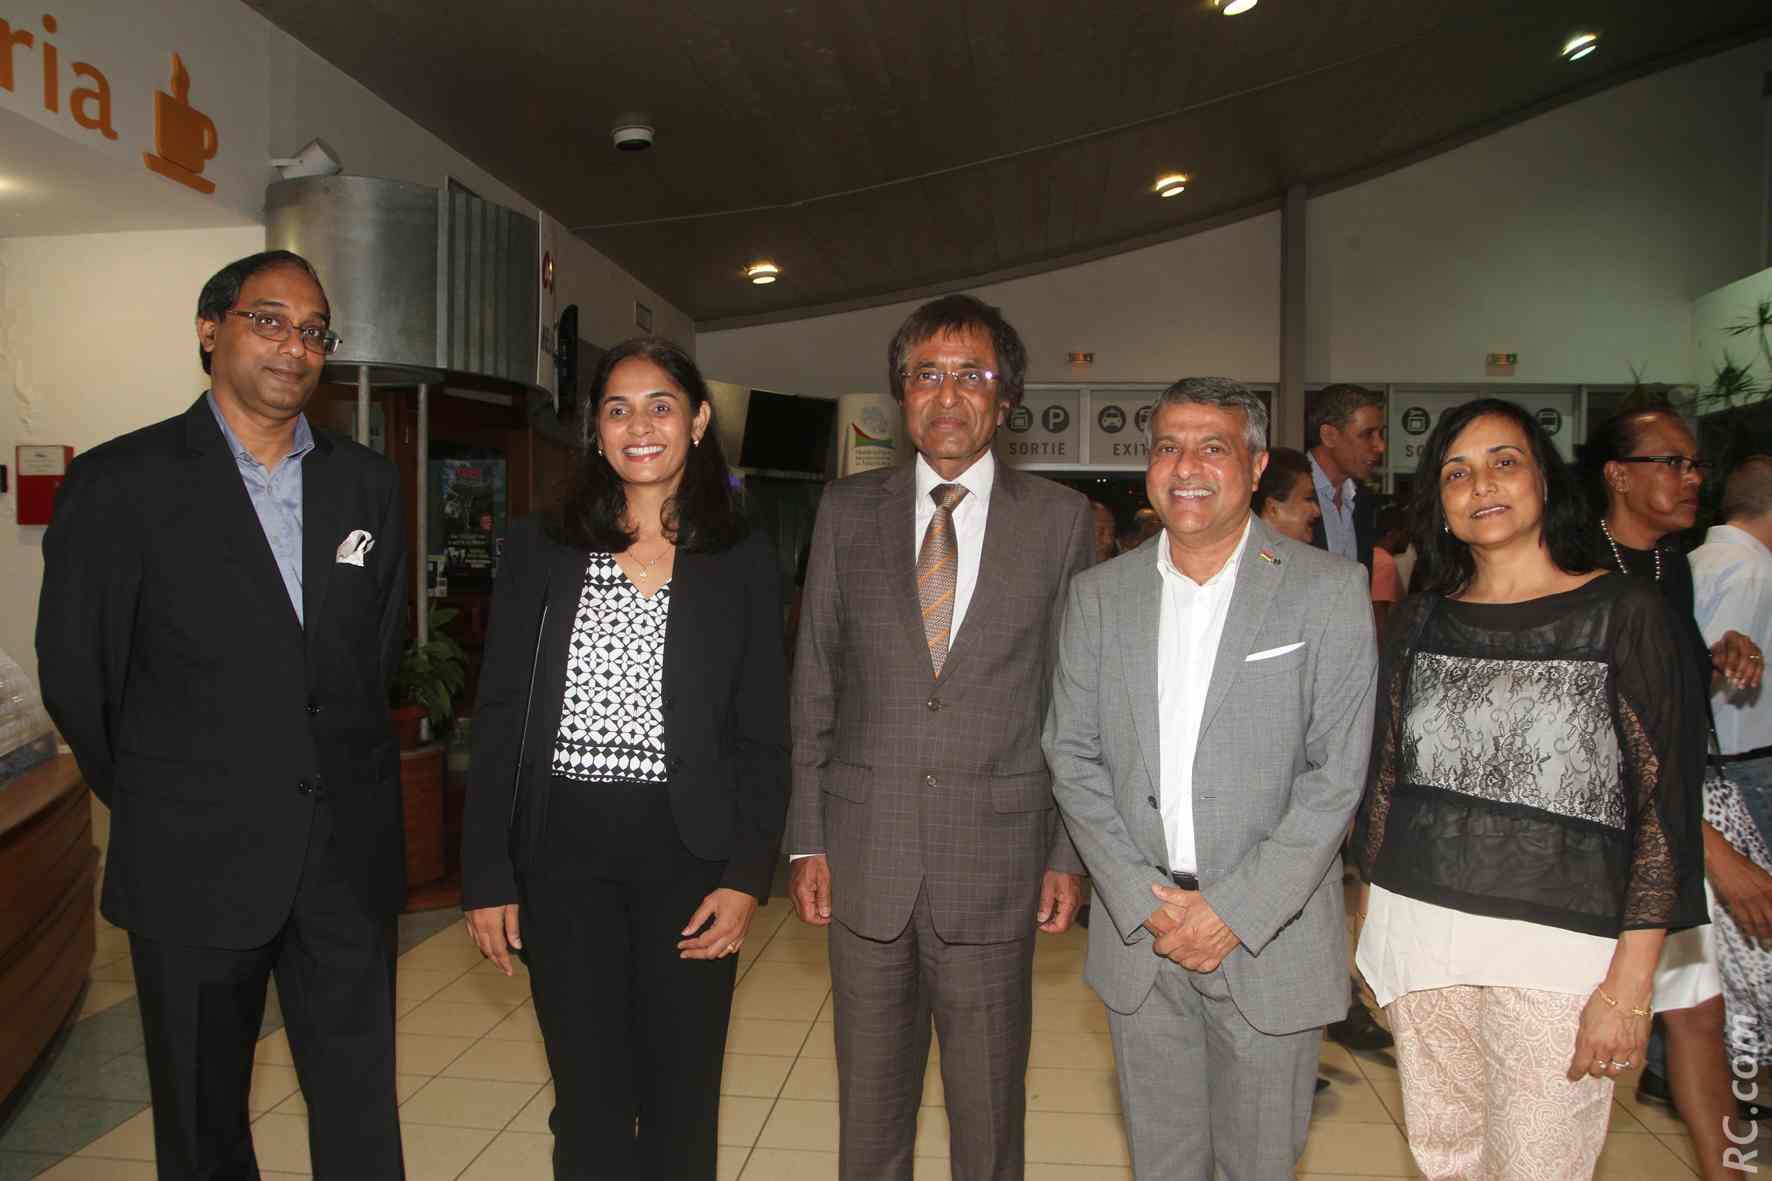 Younous Ravate, le consul de Maurice à La Réunion (costume gris), avec Anil Gayan, Gérard Canabady, et des invitées de las oirée